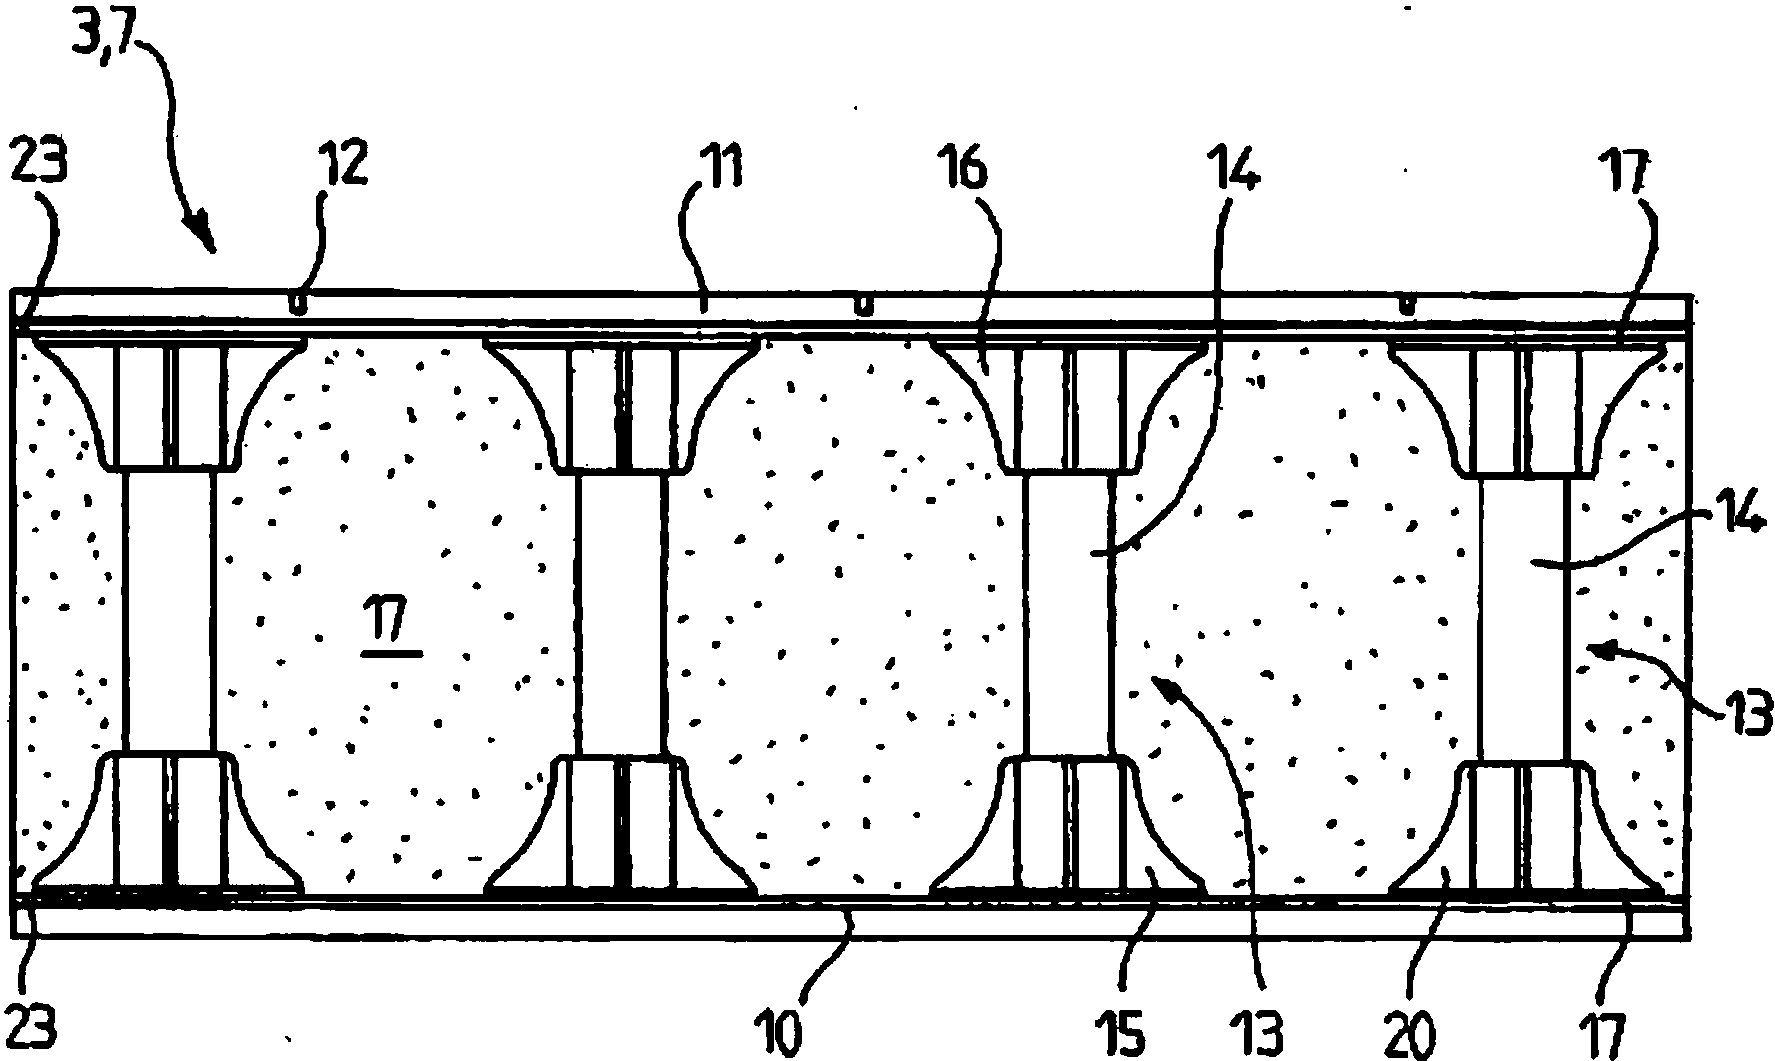 cn105874261b_用于给储液罐隔热的自承式箱结构有效